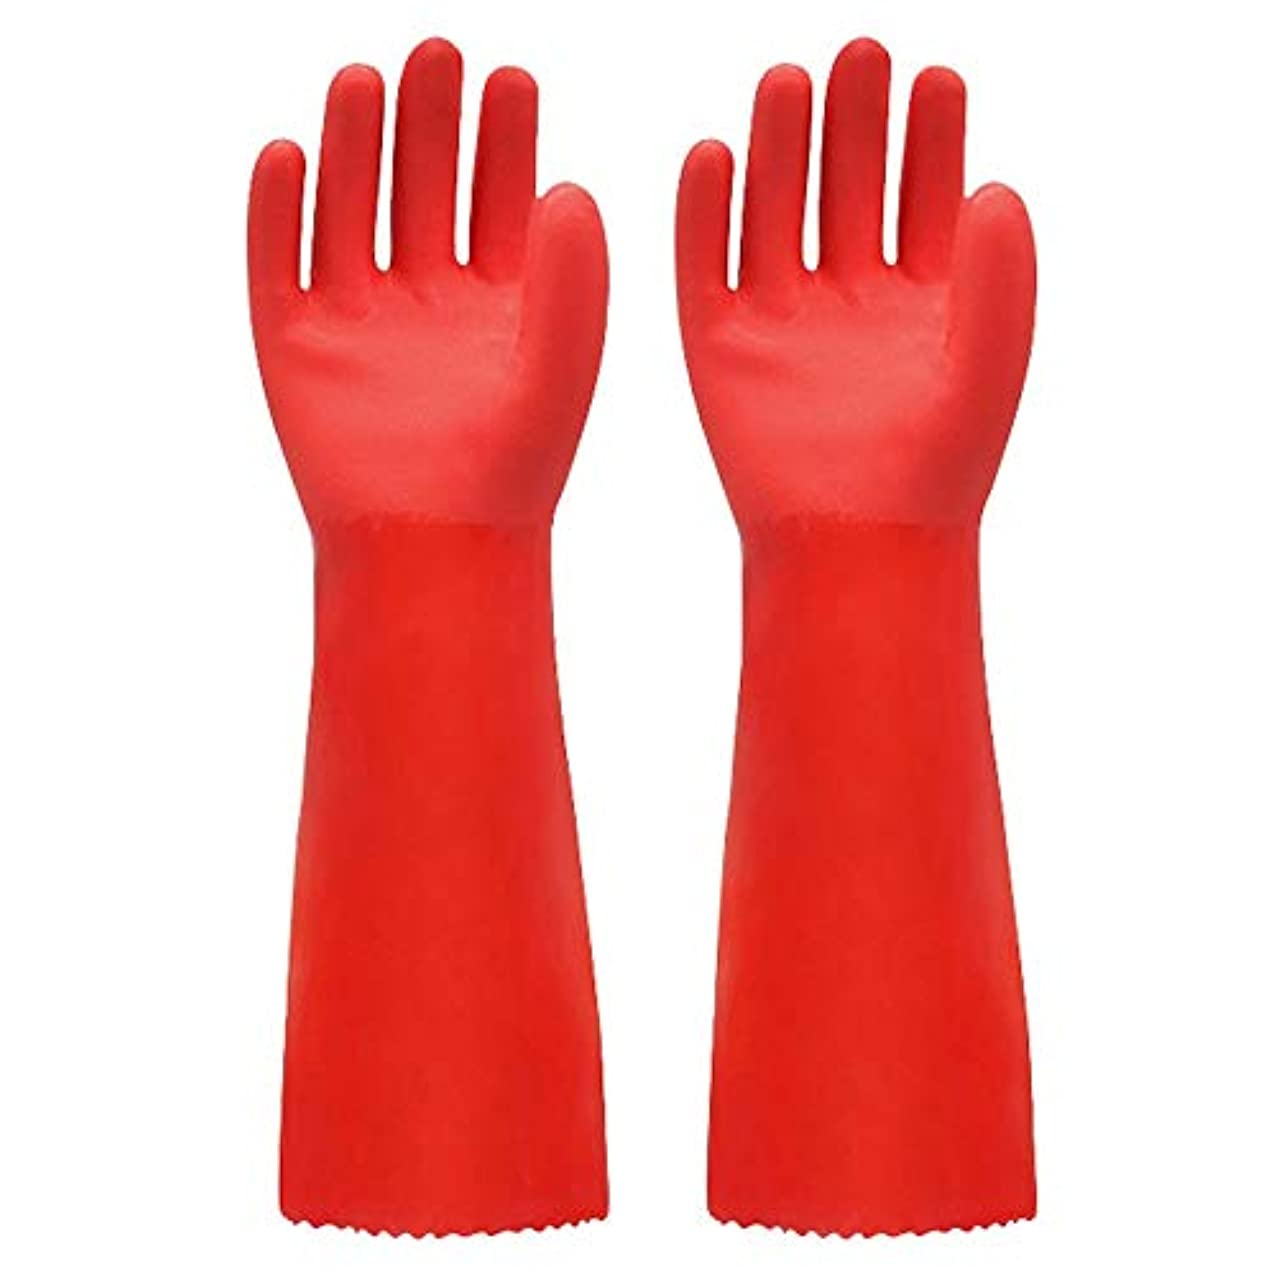 なめる脱獄セラーニトリルゴム手袋 ゴム手袋長く暖かいとビロードのゴム製防水と耐久性のある手袋、1ペア 使い捨て手袋 (Color : RED, Size : L)